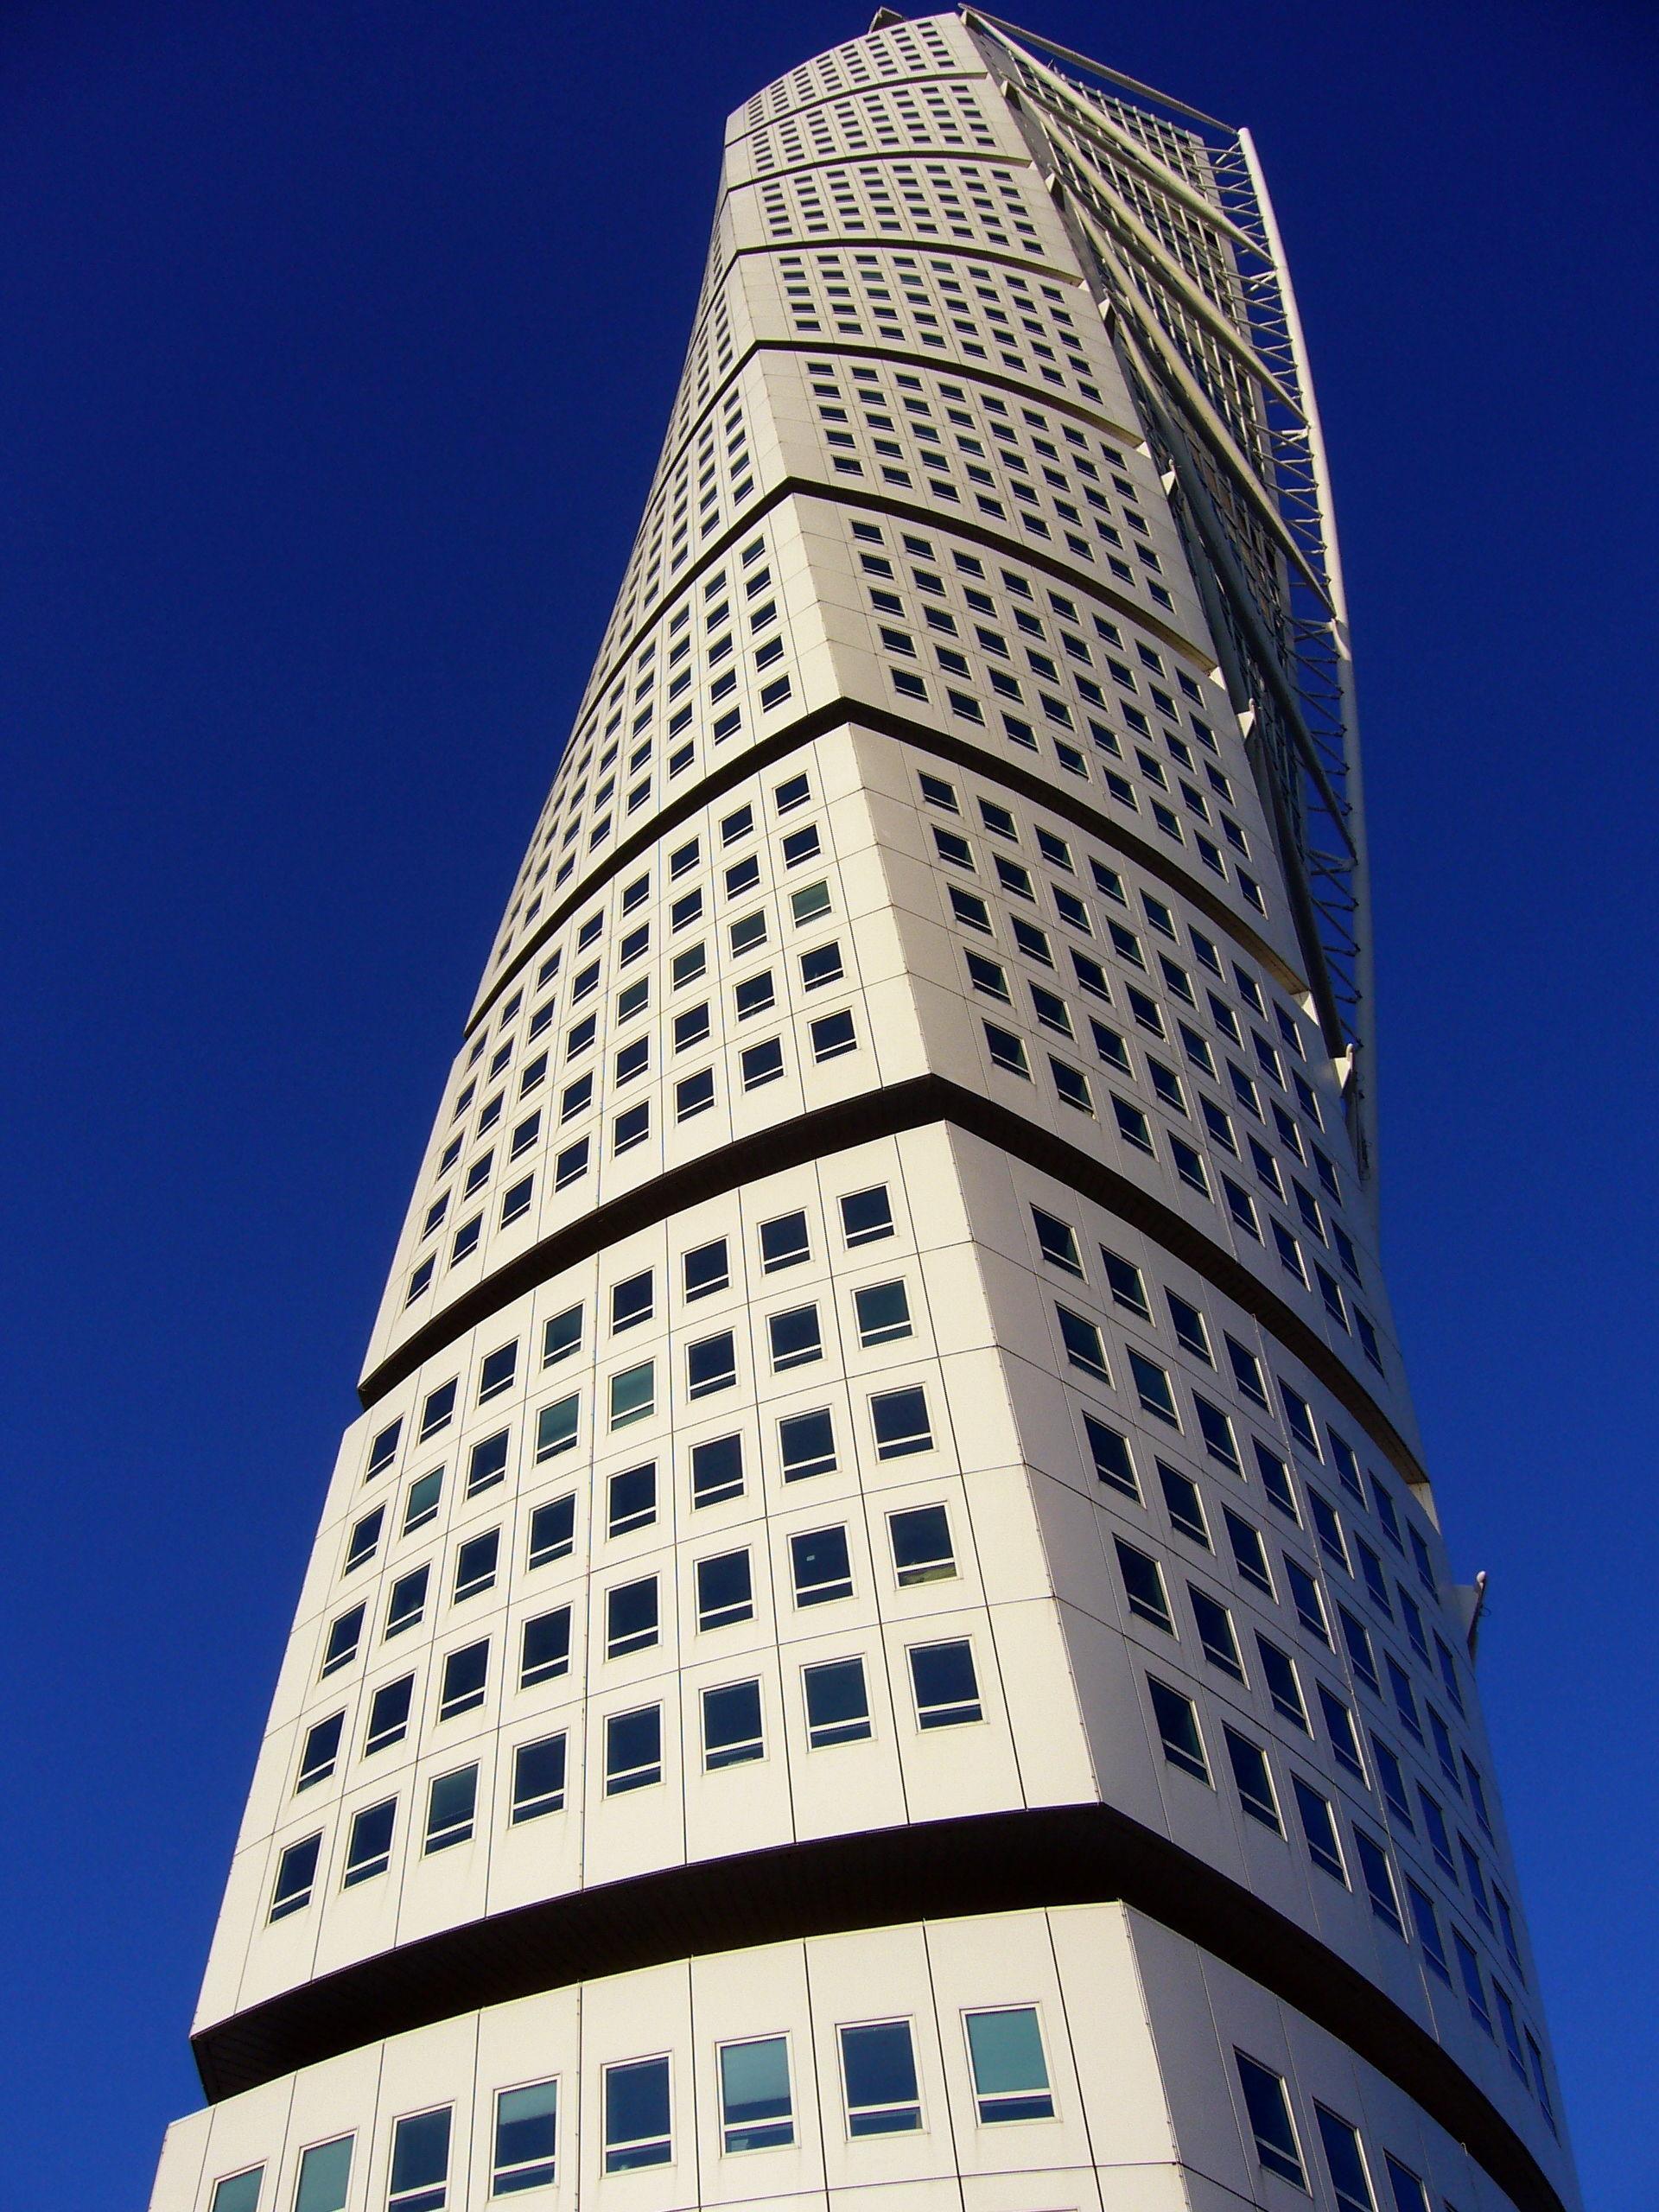 ¿Cuál es el nombre de este peculiar edificio?